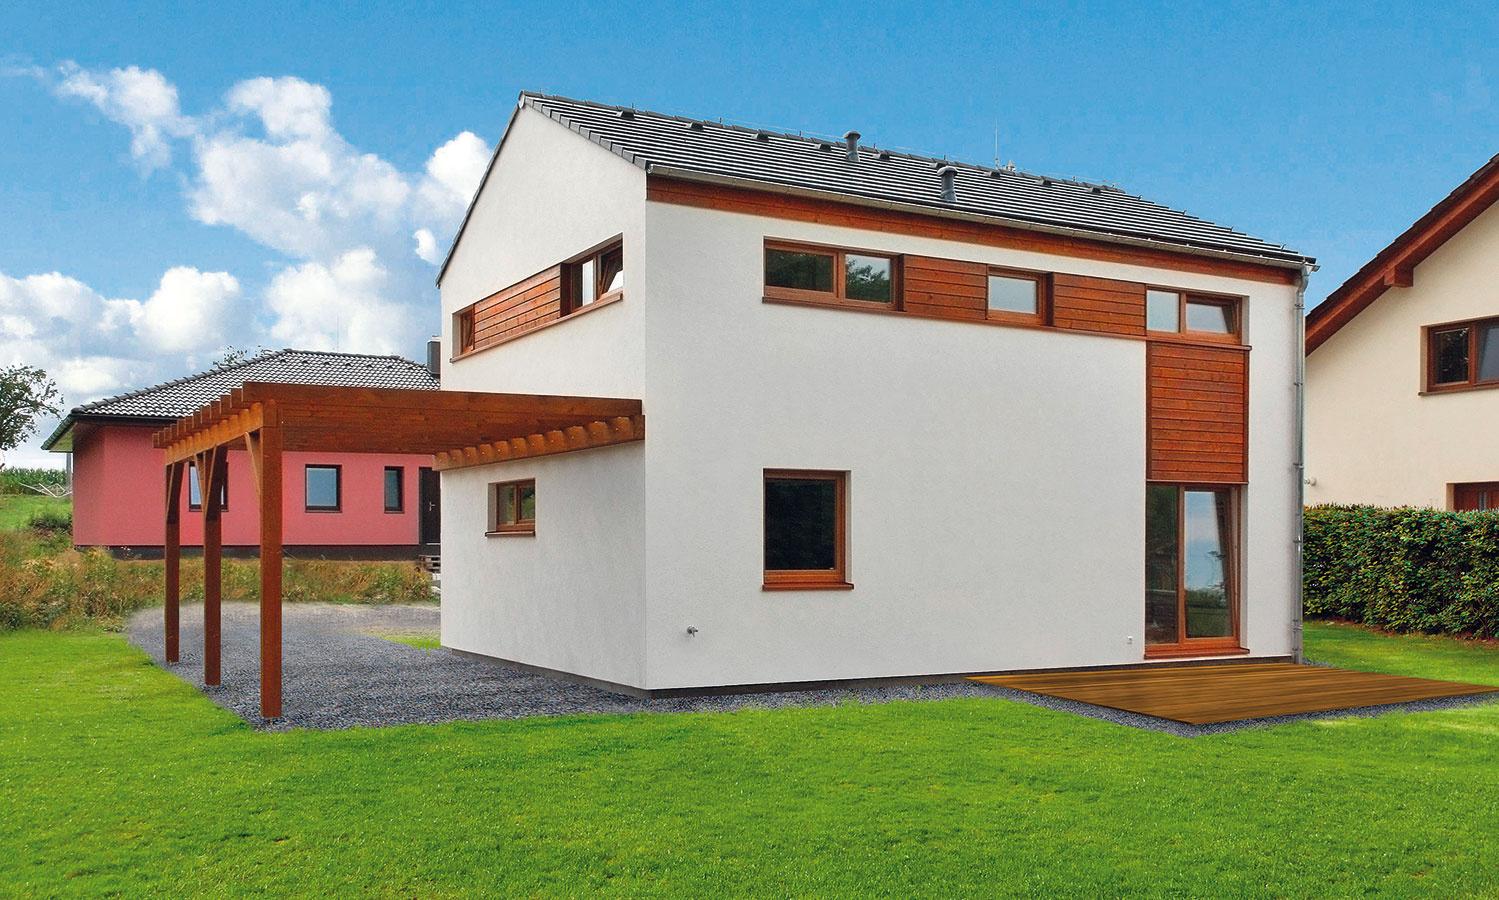 Najpredávanejší dom dodávateľa typových drevostavieb RD Rýmařov, KUBIS 631. Moderný rodinný dom sdispozíciou 4 + kk smožnosťou jednoduchého rozšírenia na 5 + kk alebo oplnohodnotnú garáž. Vďaka spolupráci sfirmou SIEMENS je vybavený inteligentnou reguláciou vykurovania avetrania, ktorá ušetrí prevádzkové náklady na energie. Vzorový dom vOlomouci-Hnevotíne (na obrázku) postavili na kľúč za 11 dní, okrem zhotovenia základovej dosky.